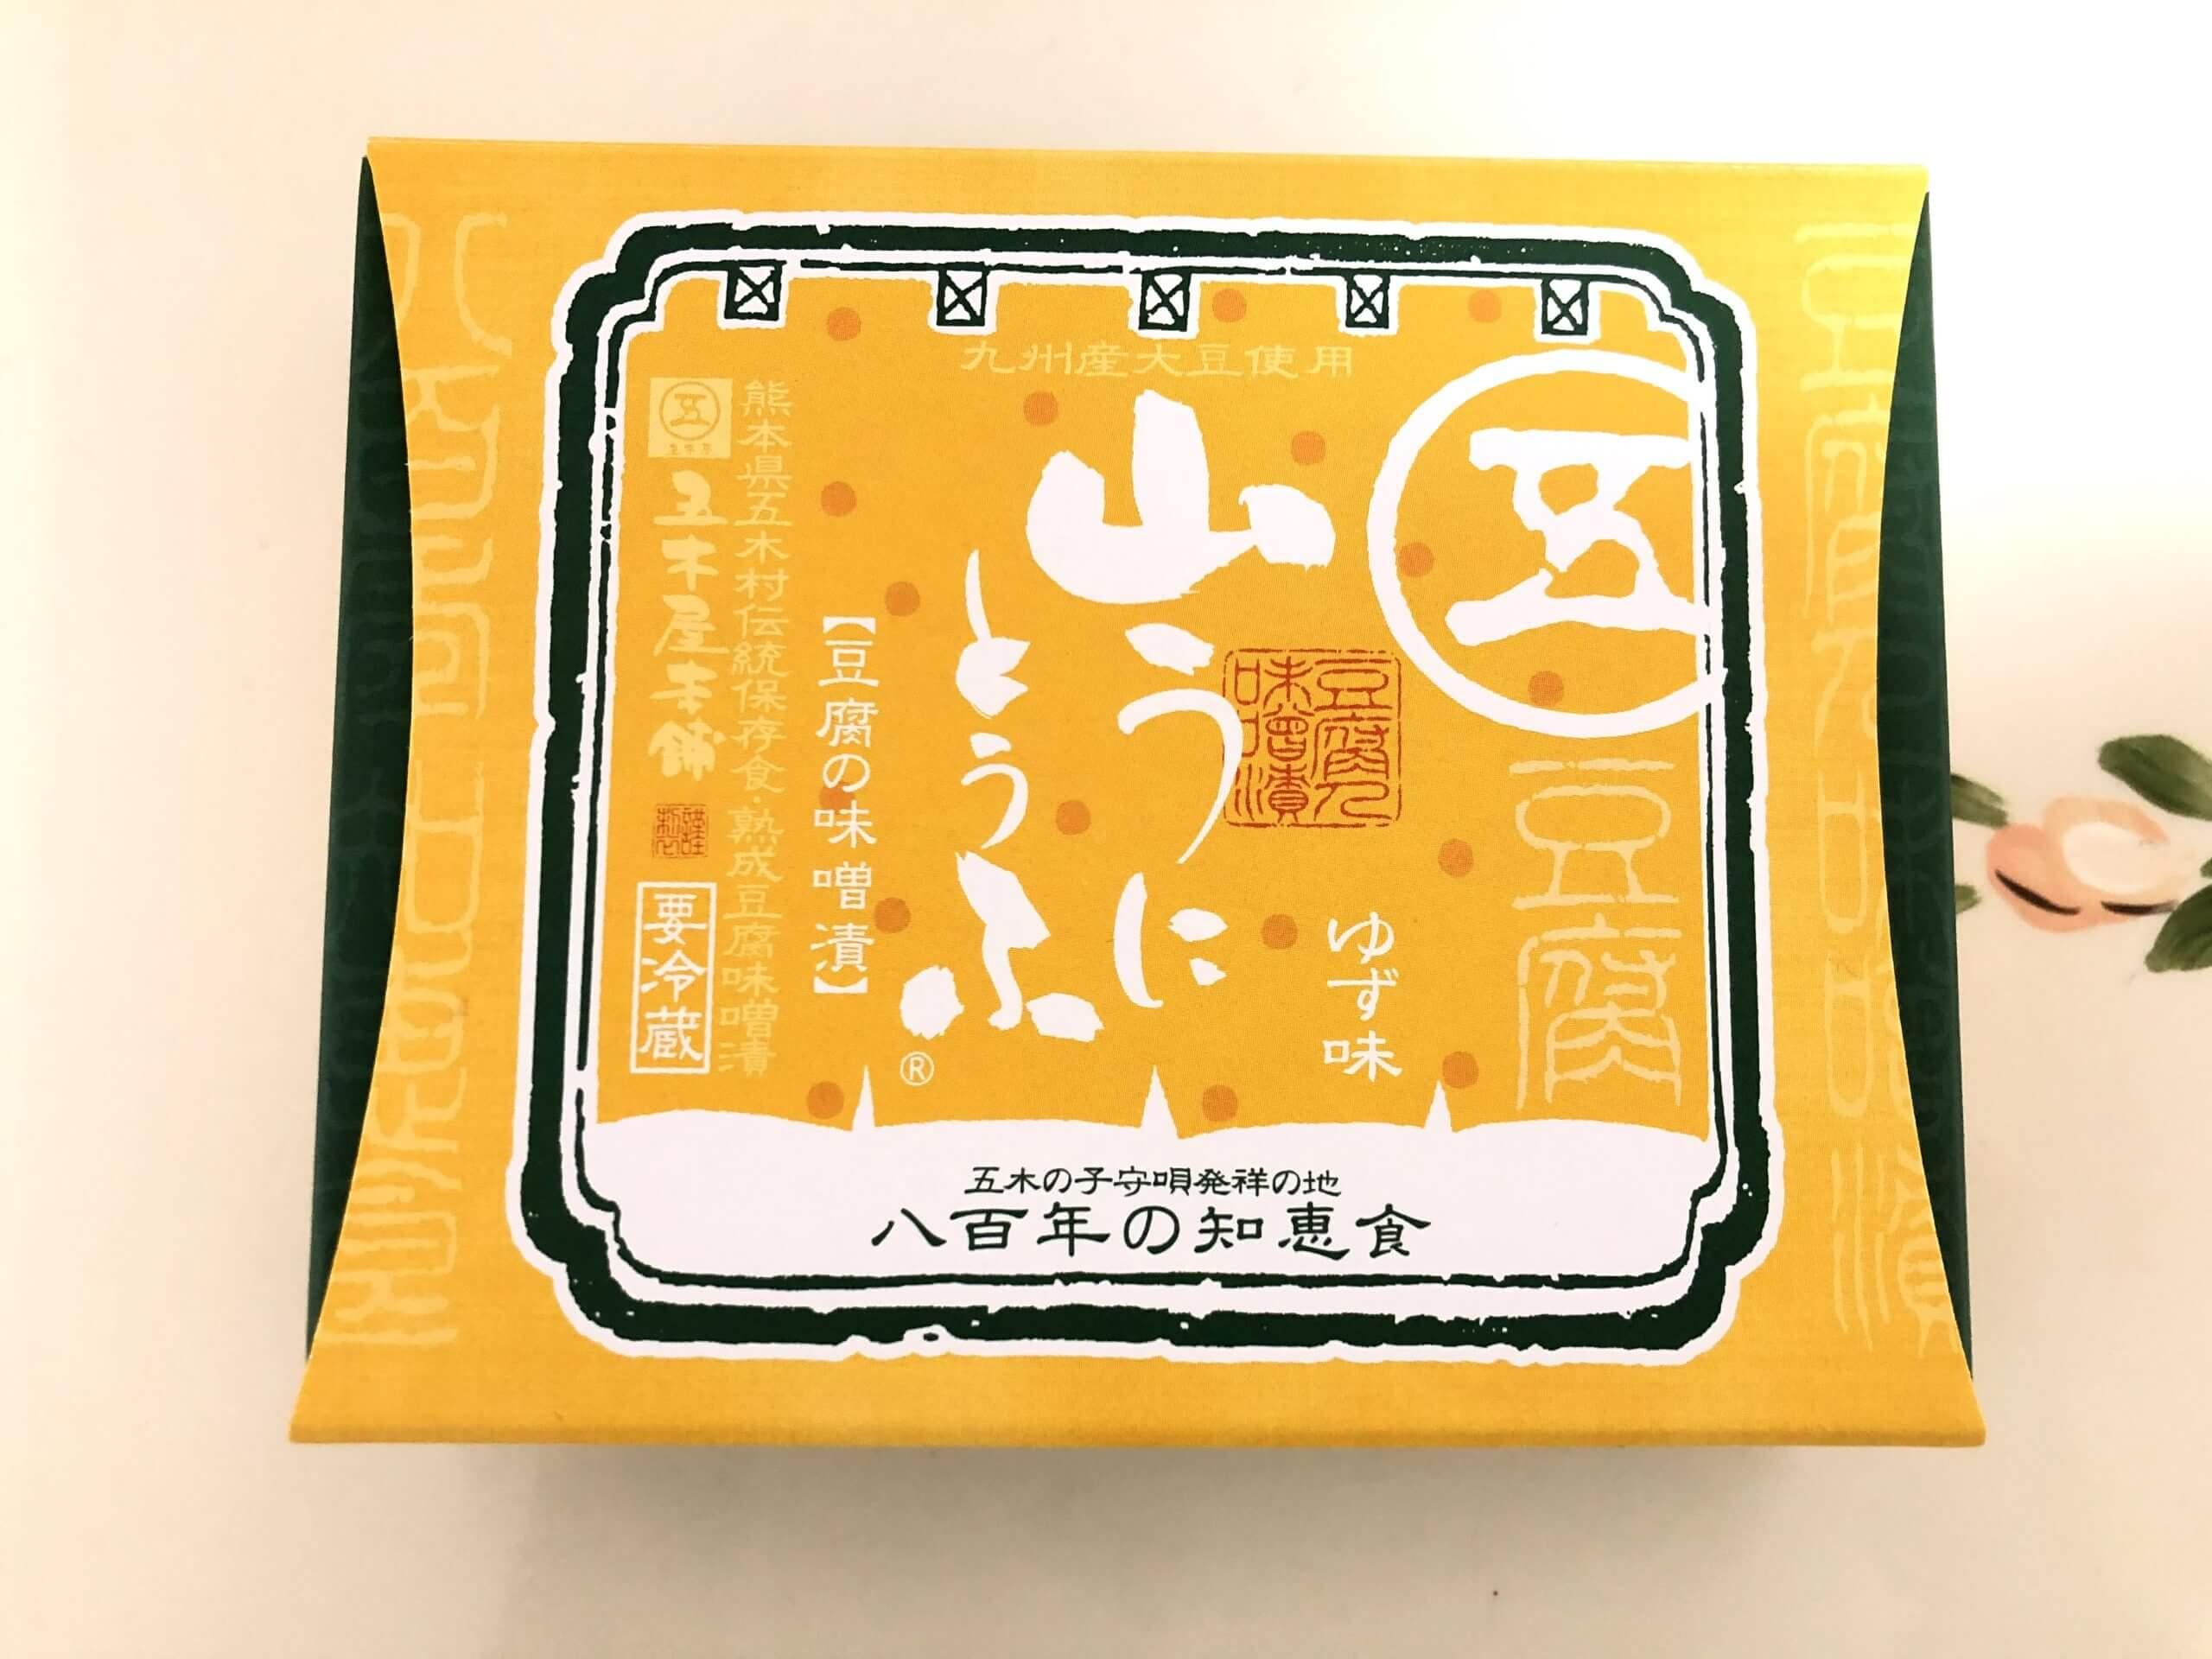 【五木屋本舗 熊本城店】豆腐なのにチーズのような濃厚さ!味の種類の豊富でレパートリーもりだくさん《熊本市中央区二の丸》